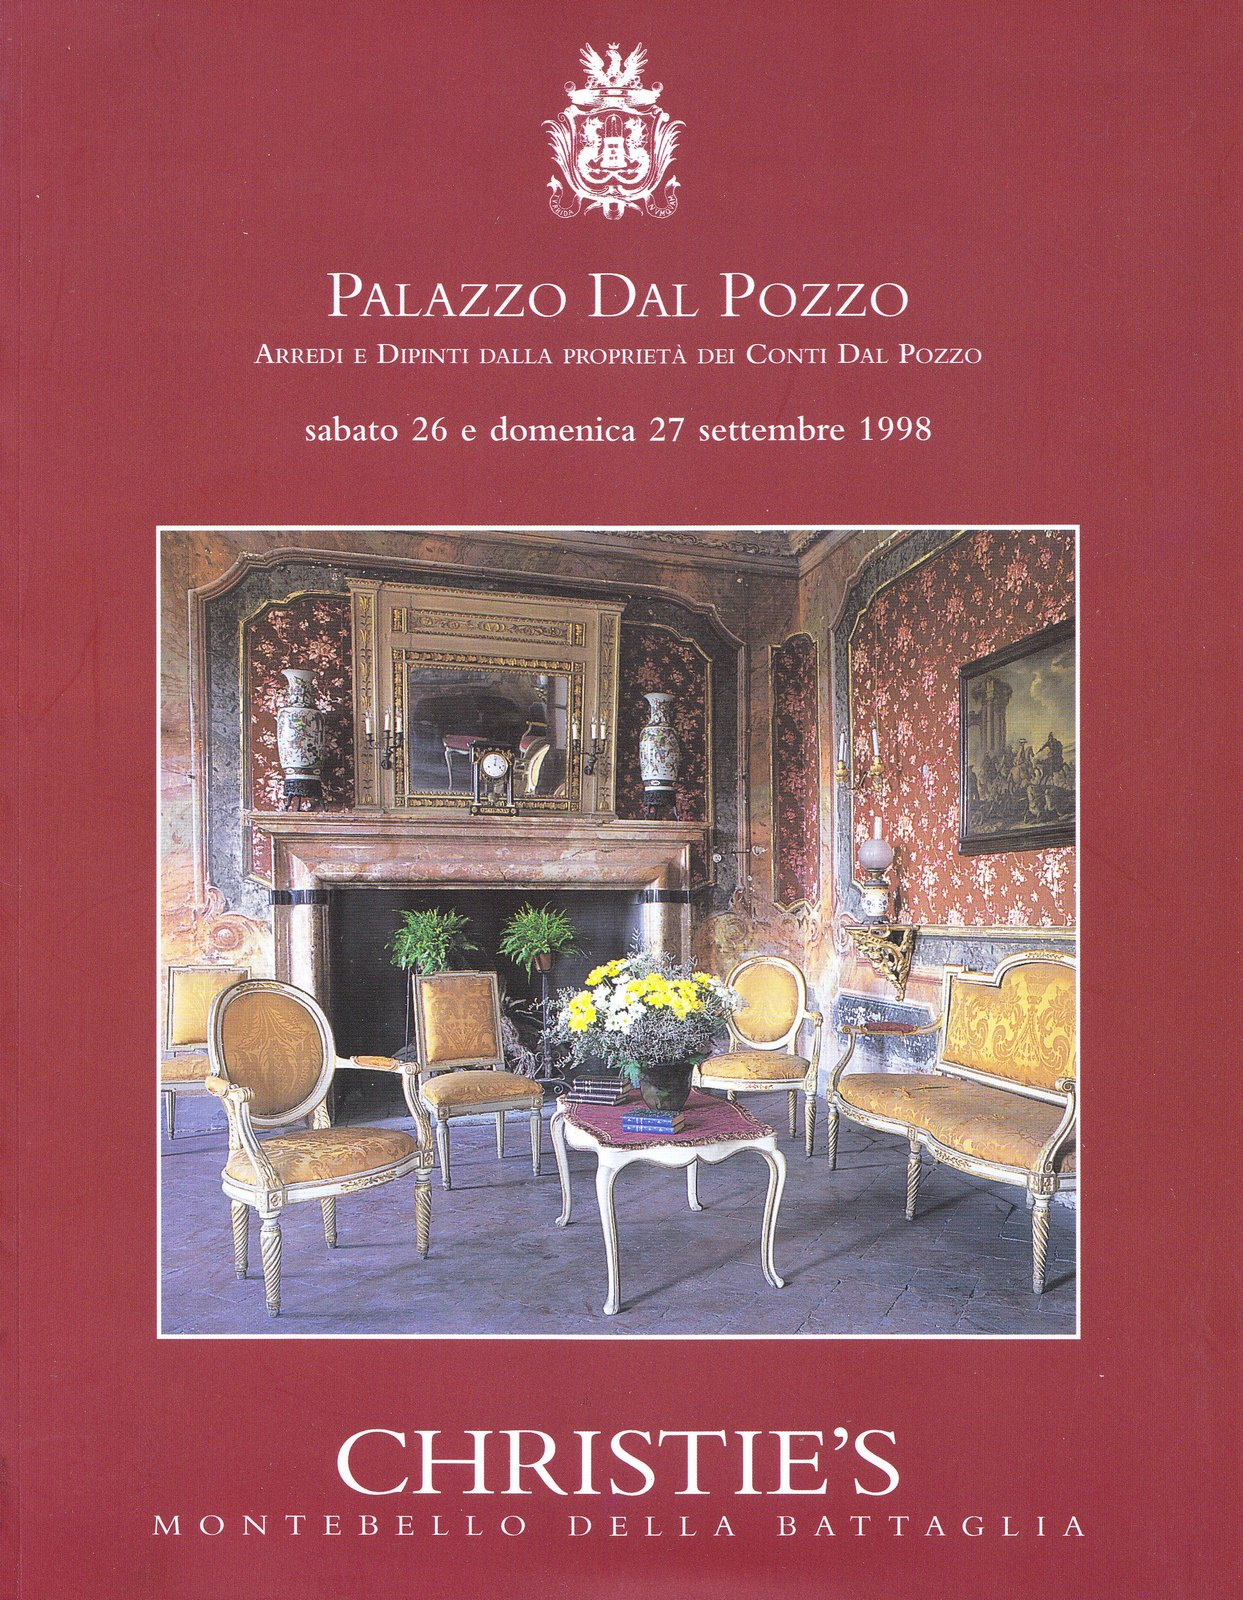 Palazzo Dal Pozzo, Montebello della Battaglia